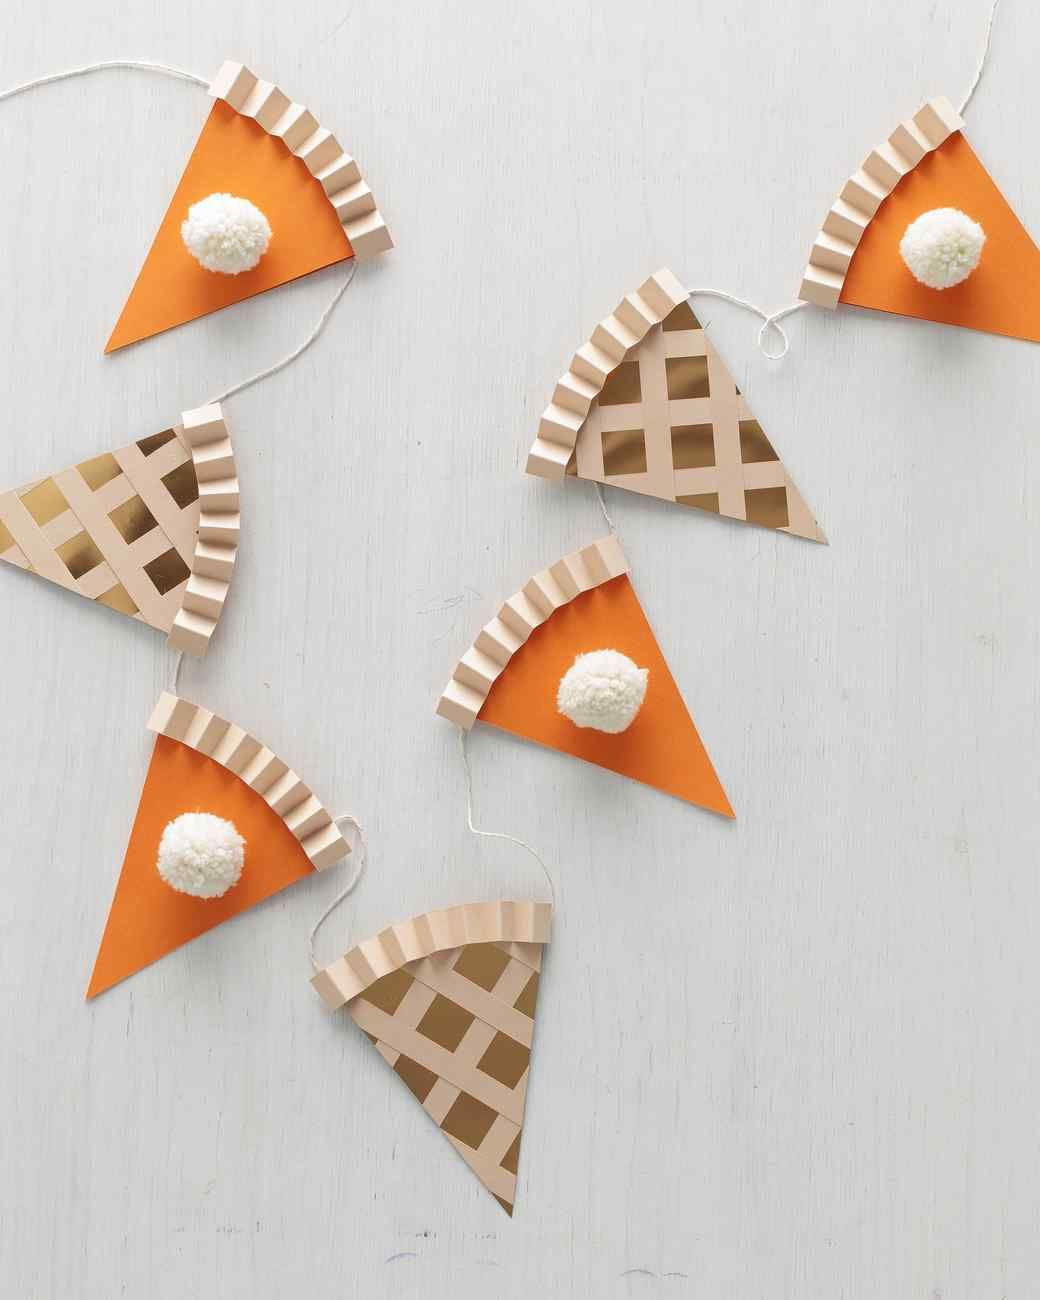 diy guirnalda pastel de calabaza para decorar acción de gracias o thanksgiving fácil y económico